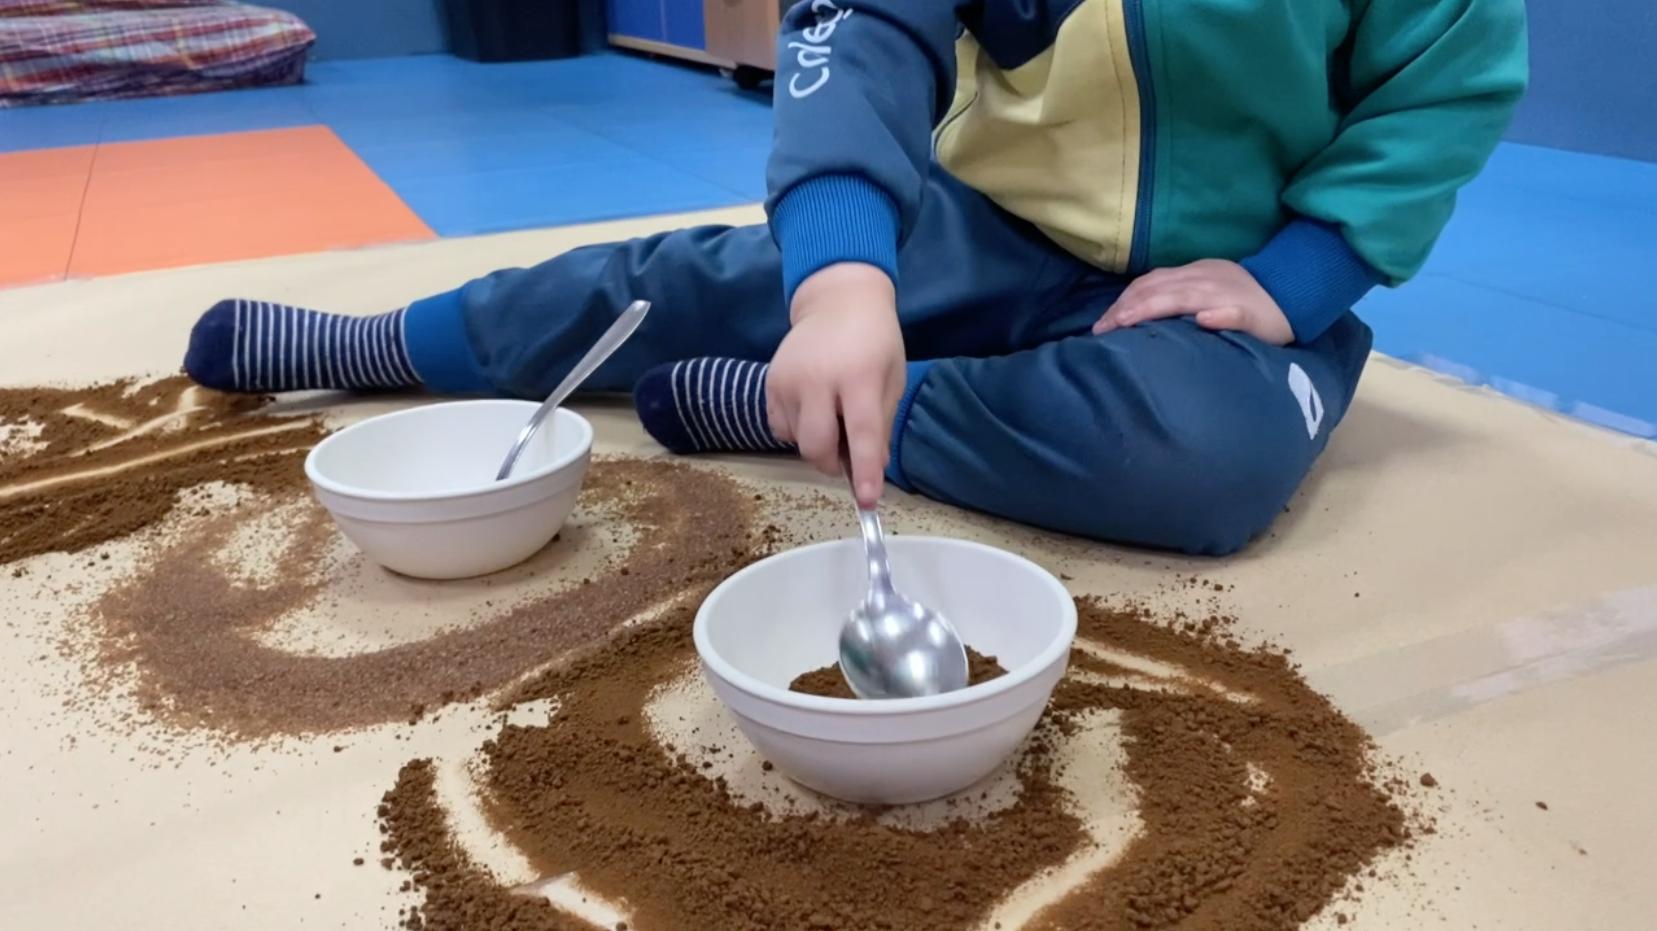 Niño de tres años sentado en el suelo de su clase jugando con una cuchara y cuencos con café y azúcar moreno